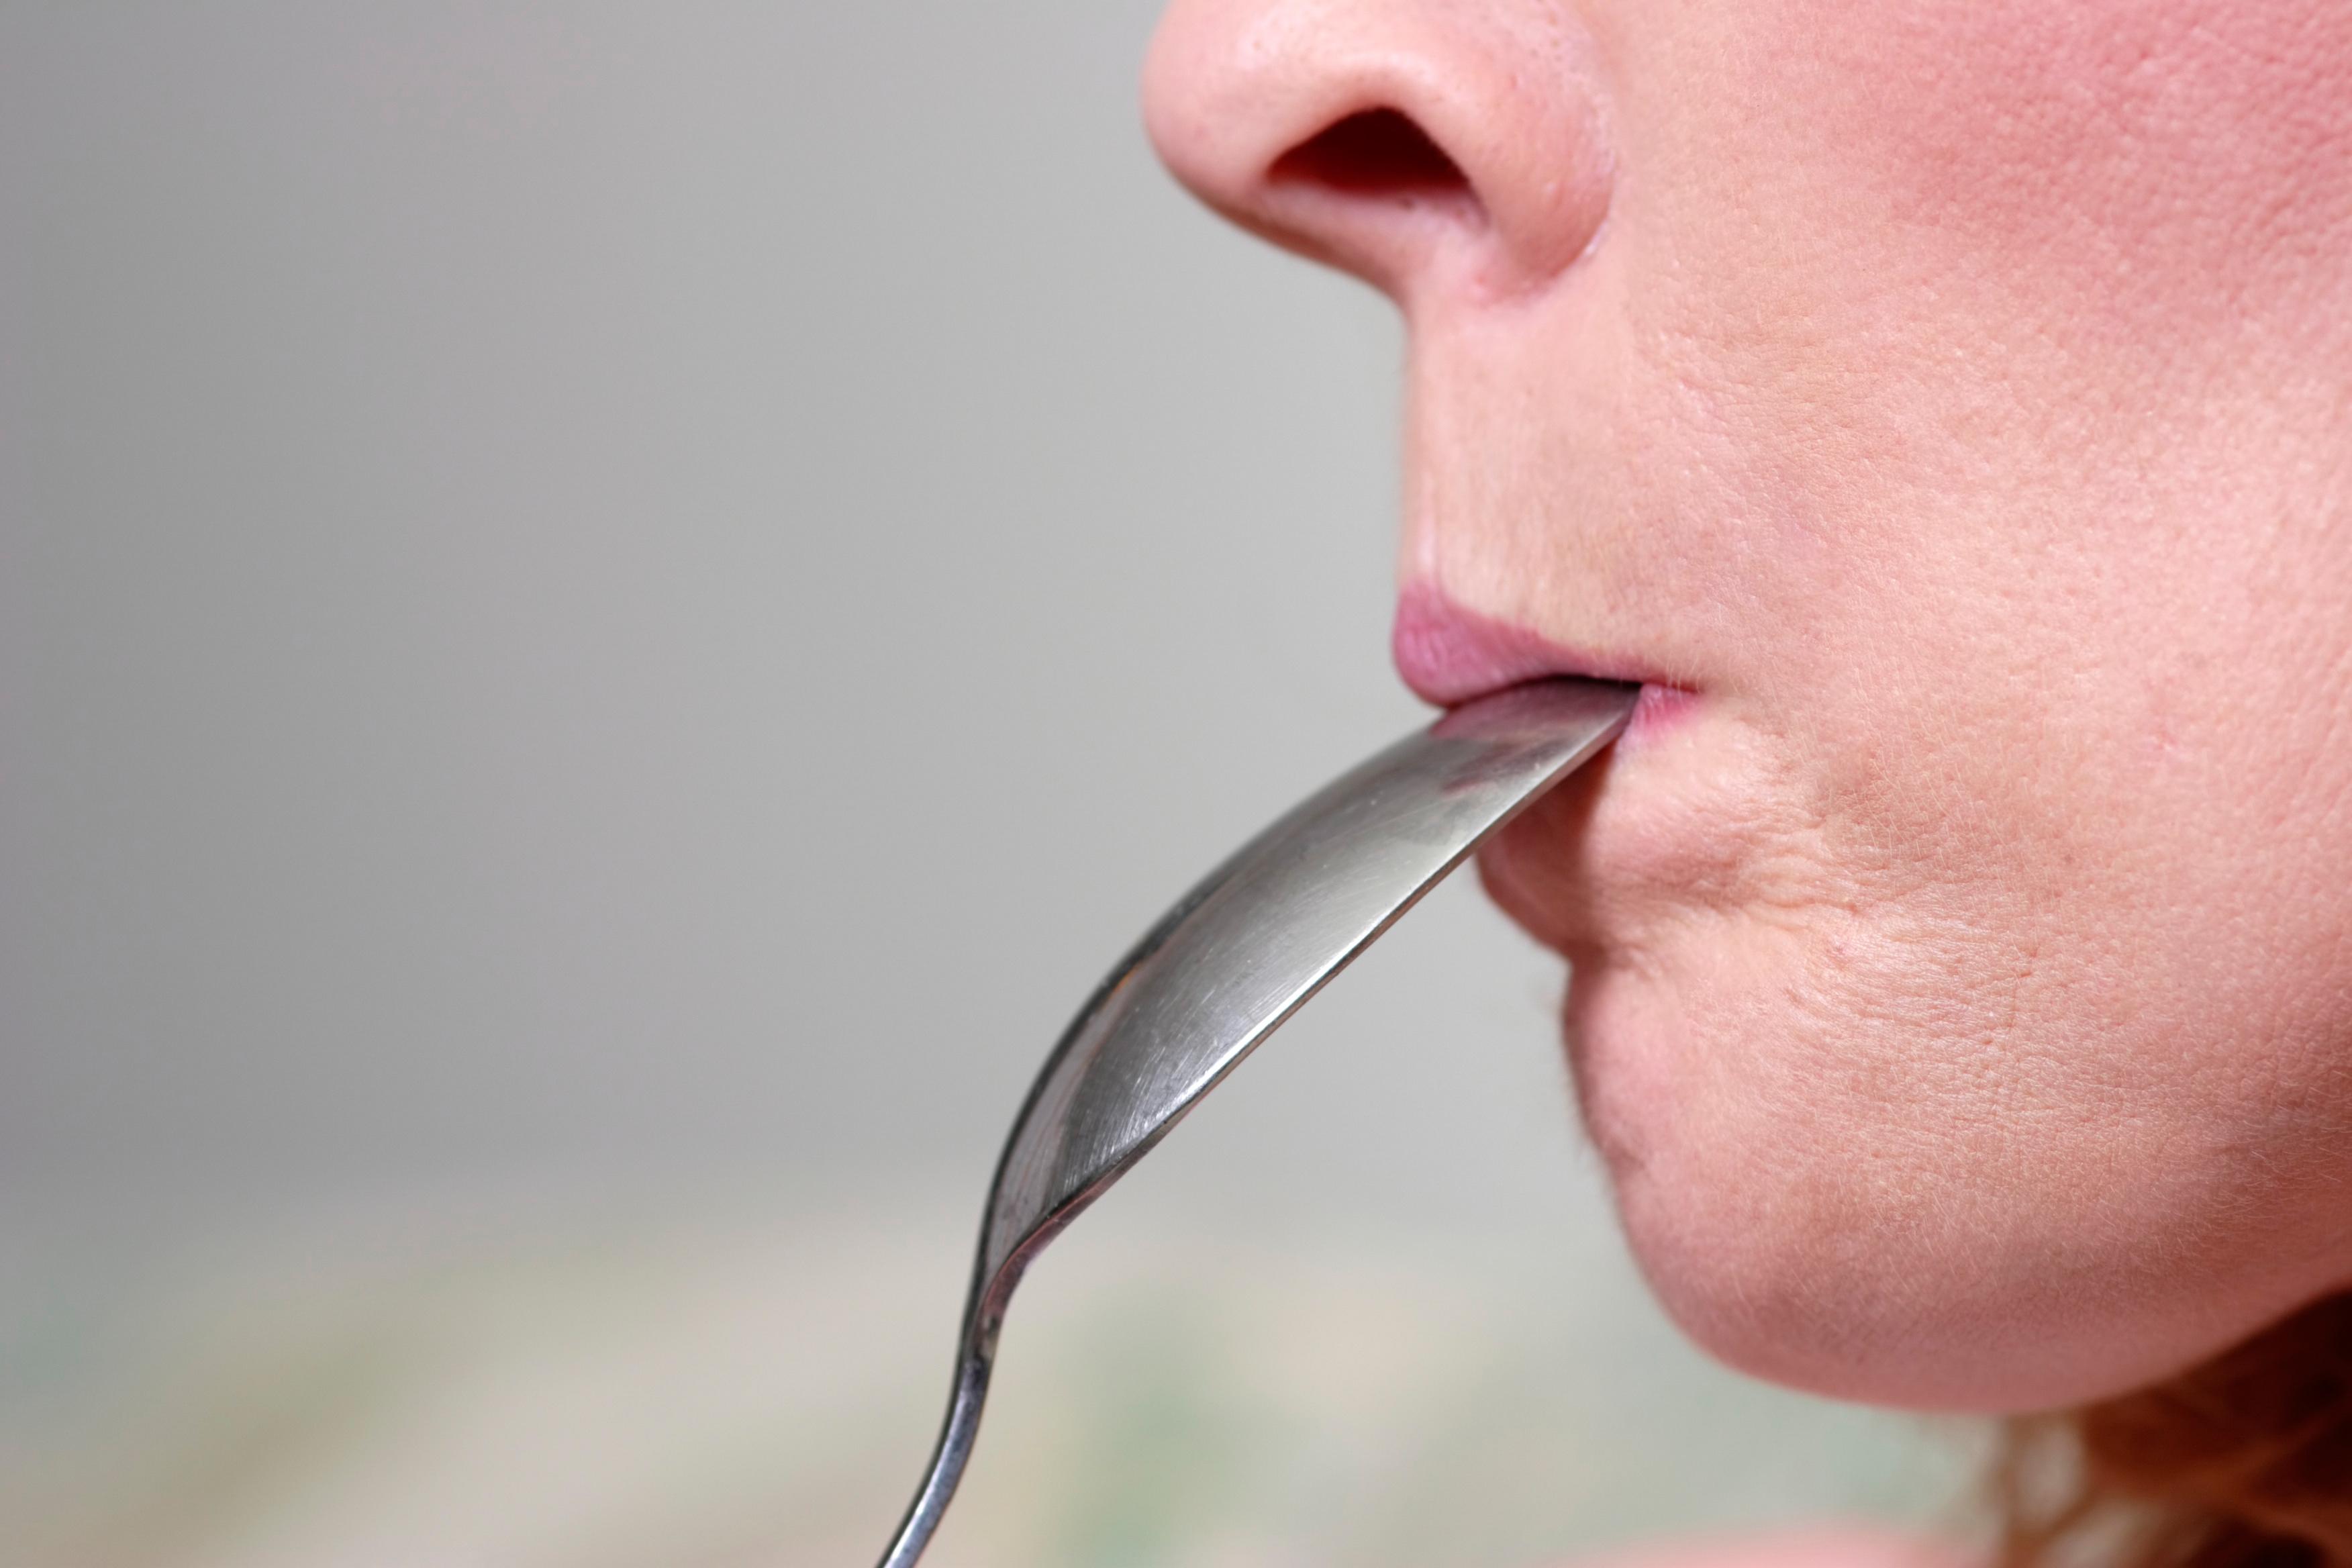 tedd, ha rossz szaga van a szájából